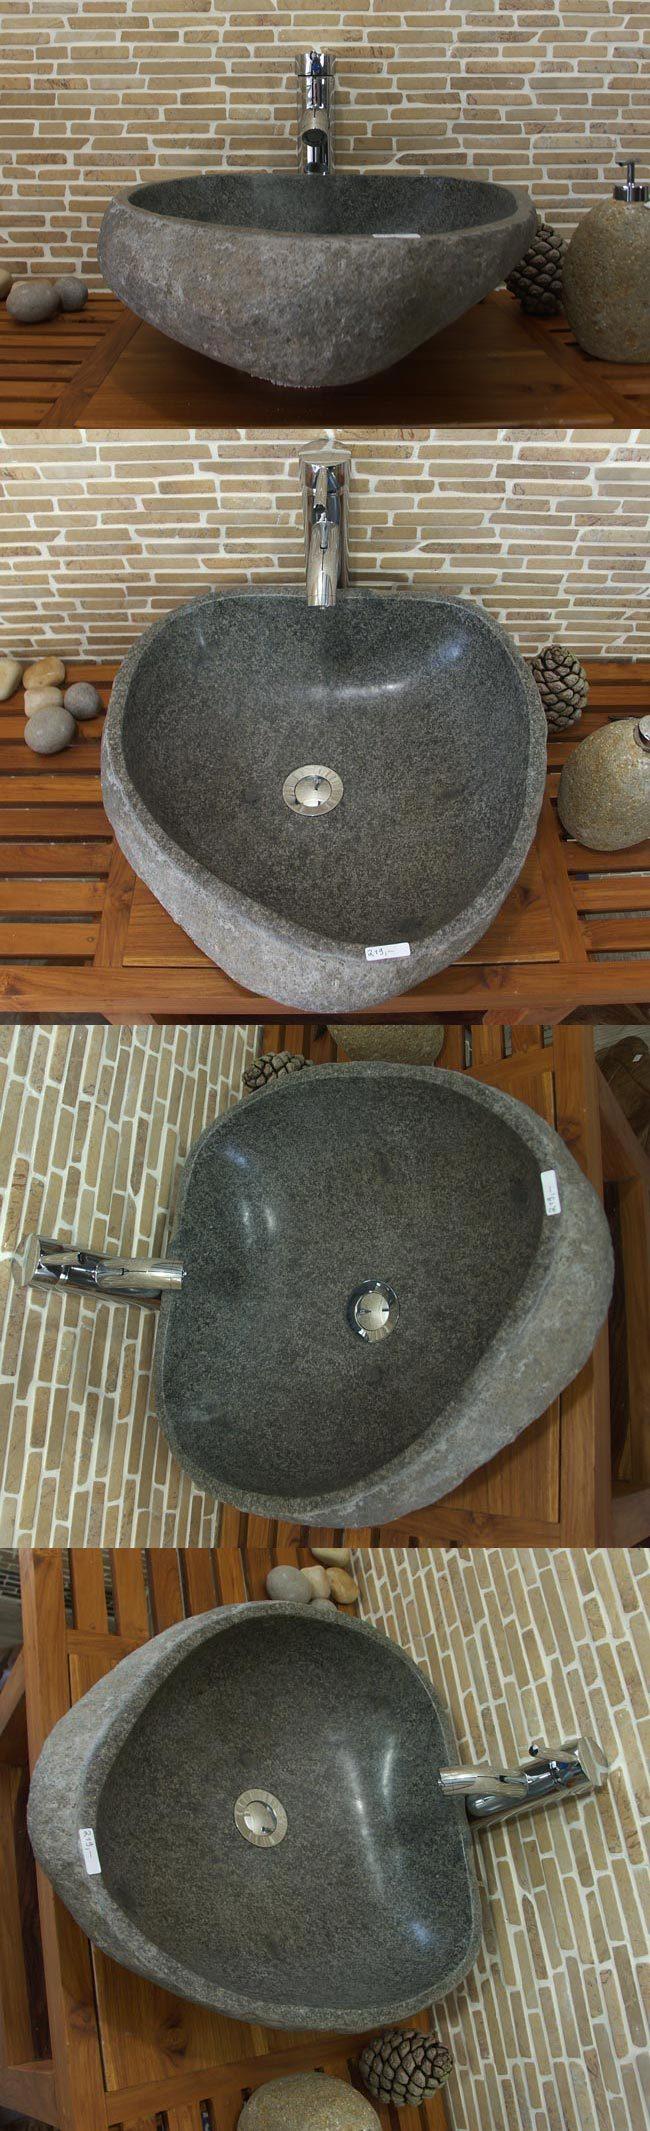 waschbecken aus flussstein bafs1 s80n ein unikat f r ihr bad. Black Bedroom Furniture Sets. Home Design Ideas